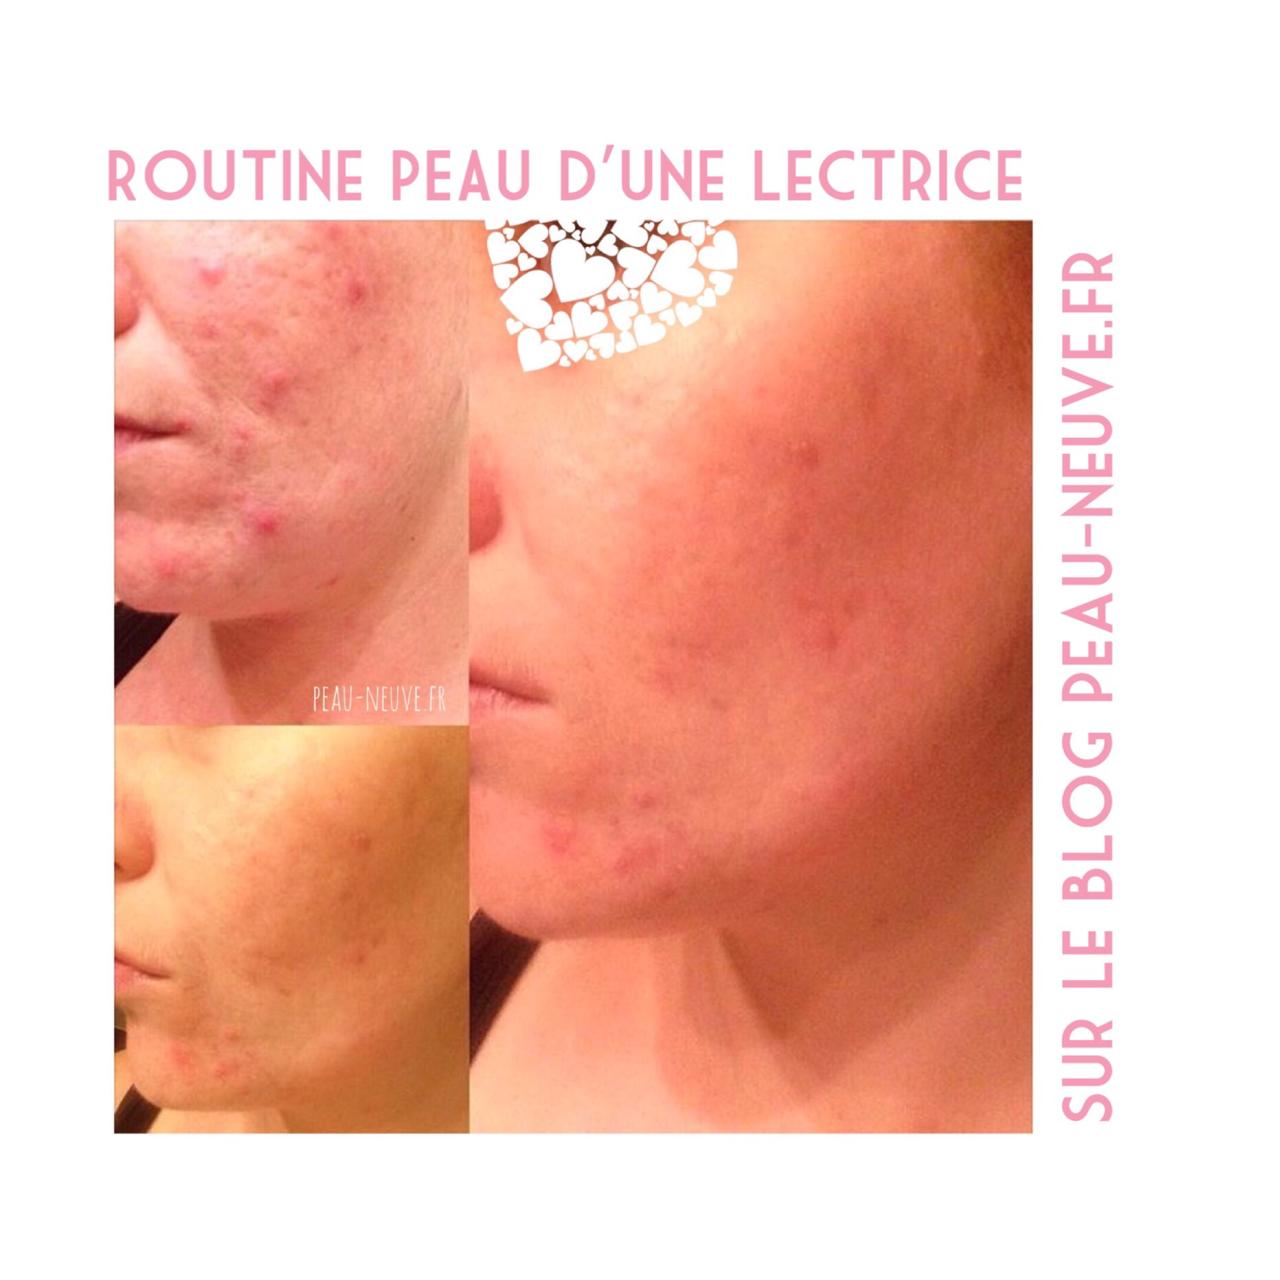 1d477cef4ead Routine anti-acné d une lectrice  3 - Peau Neuve